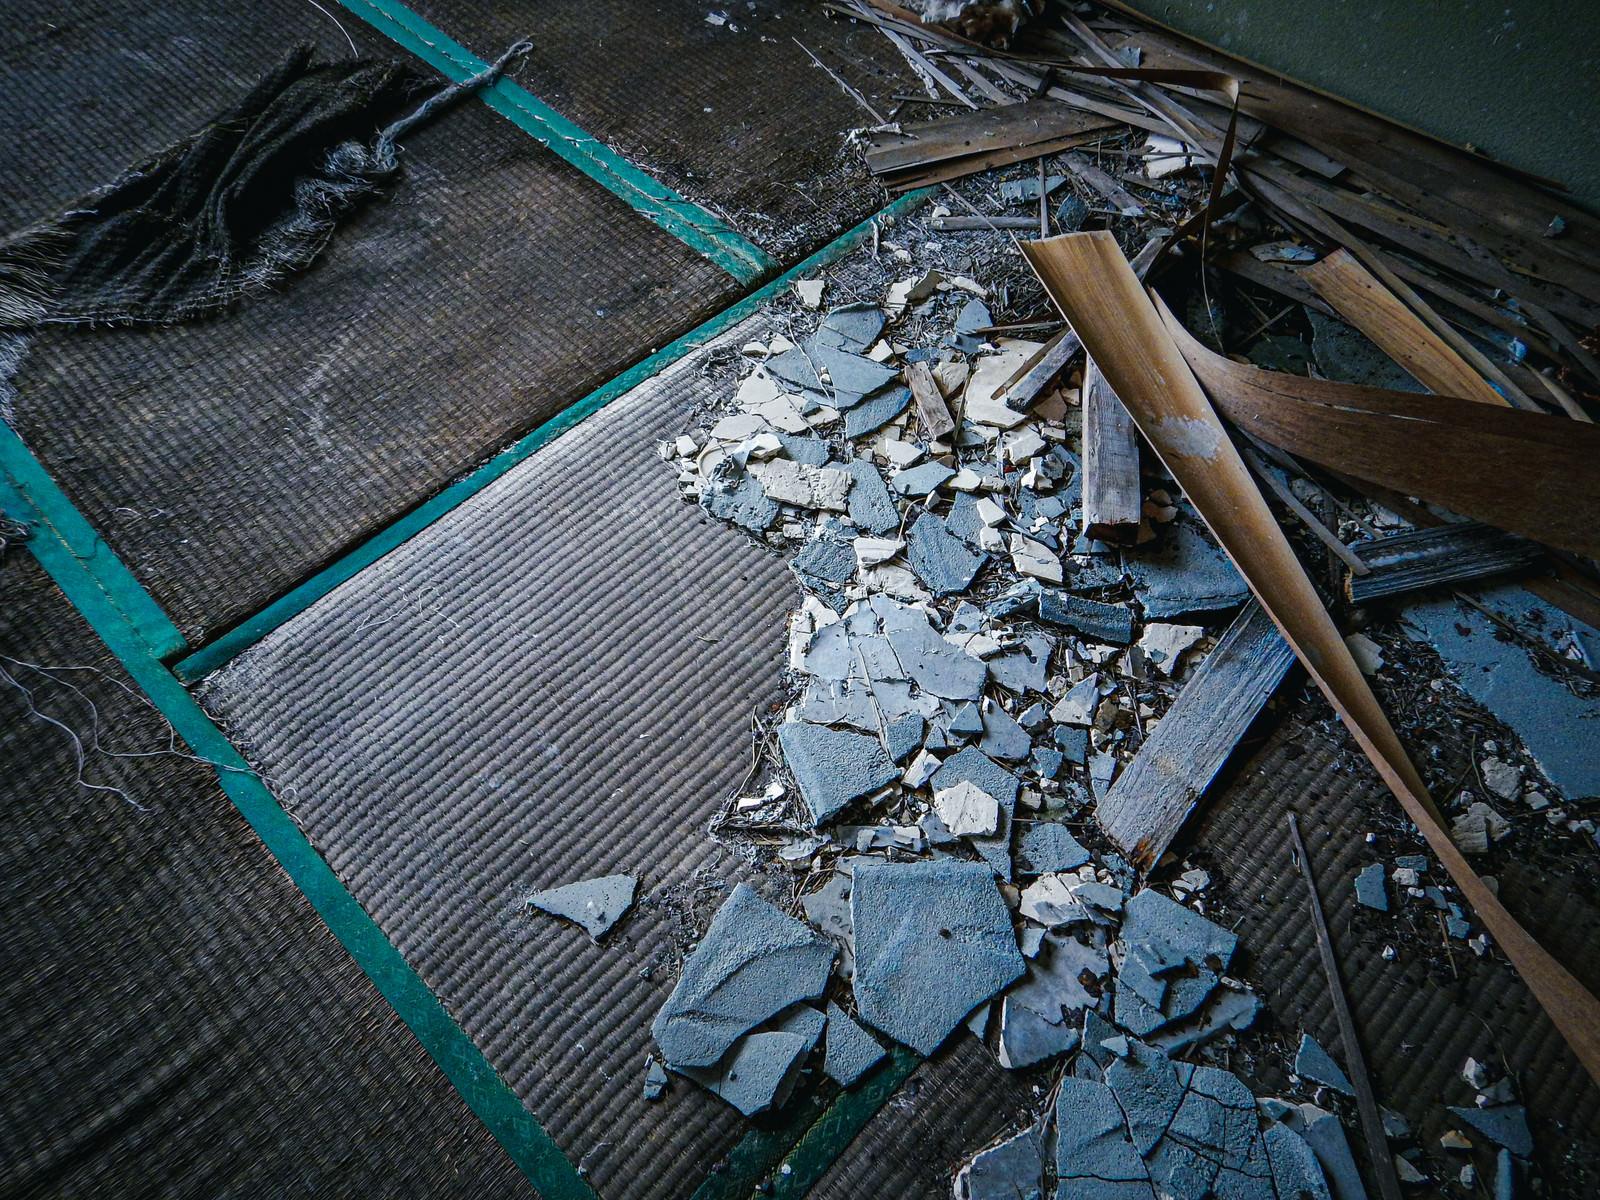 「野ざらしの畳とコンクリート片」の写真